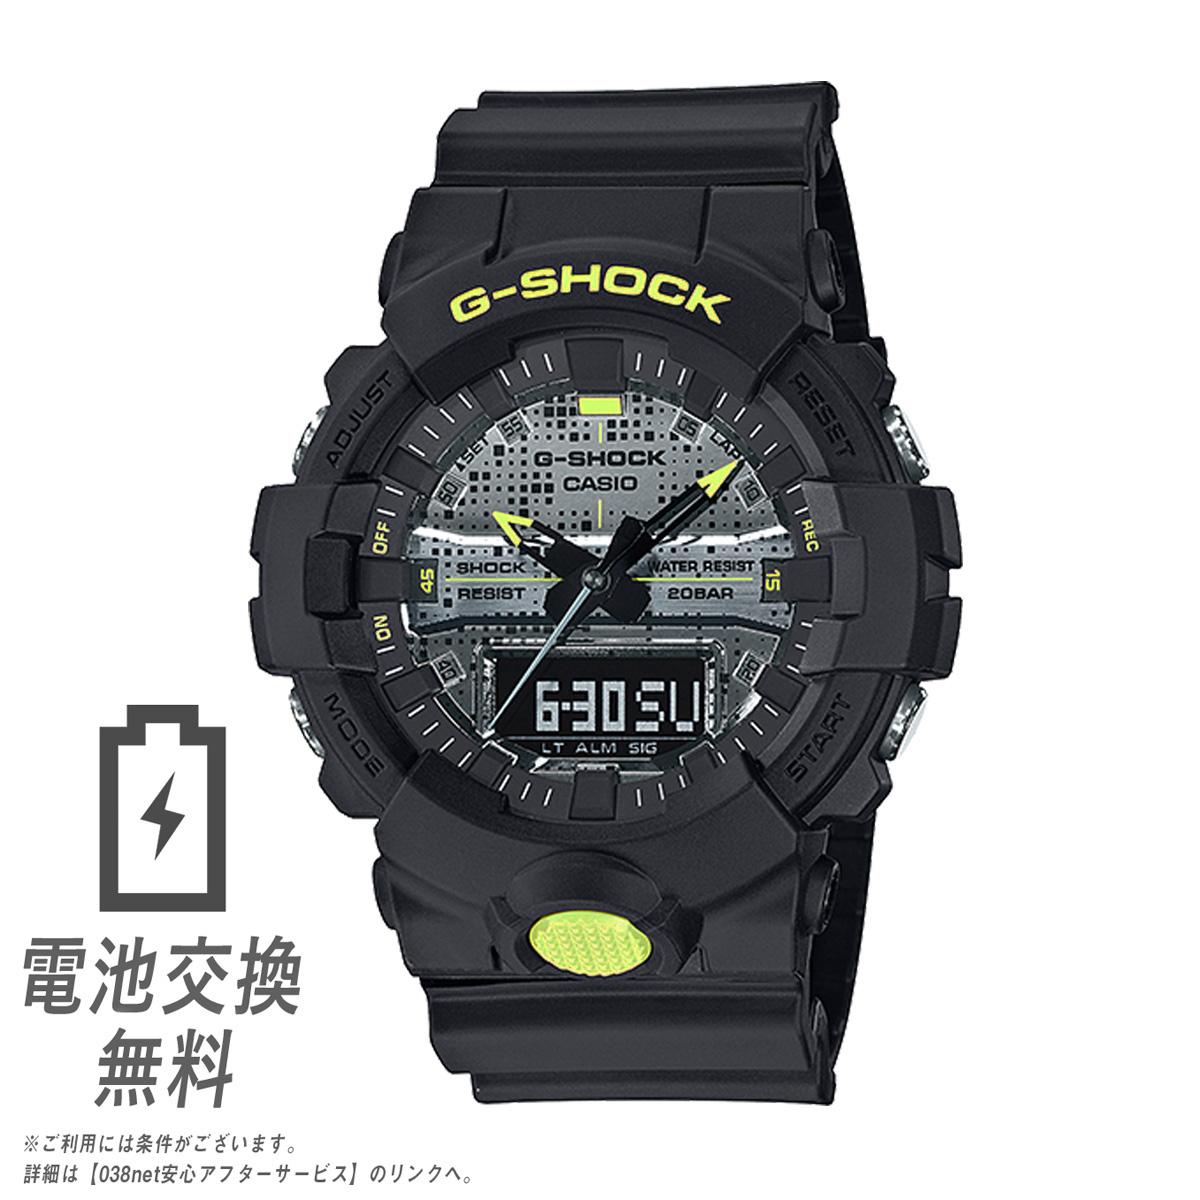 【ラッピング無料】CASIO カシオ G-SHOCK ジーショック Gショック メンズ Black and Yellow GA-800DC-1A 男性用 腕時計 ブラック 黒色 ライムイエロー 黄色 アナデジ アロナグ デジタル メンズサイズ